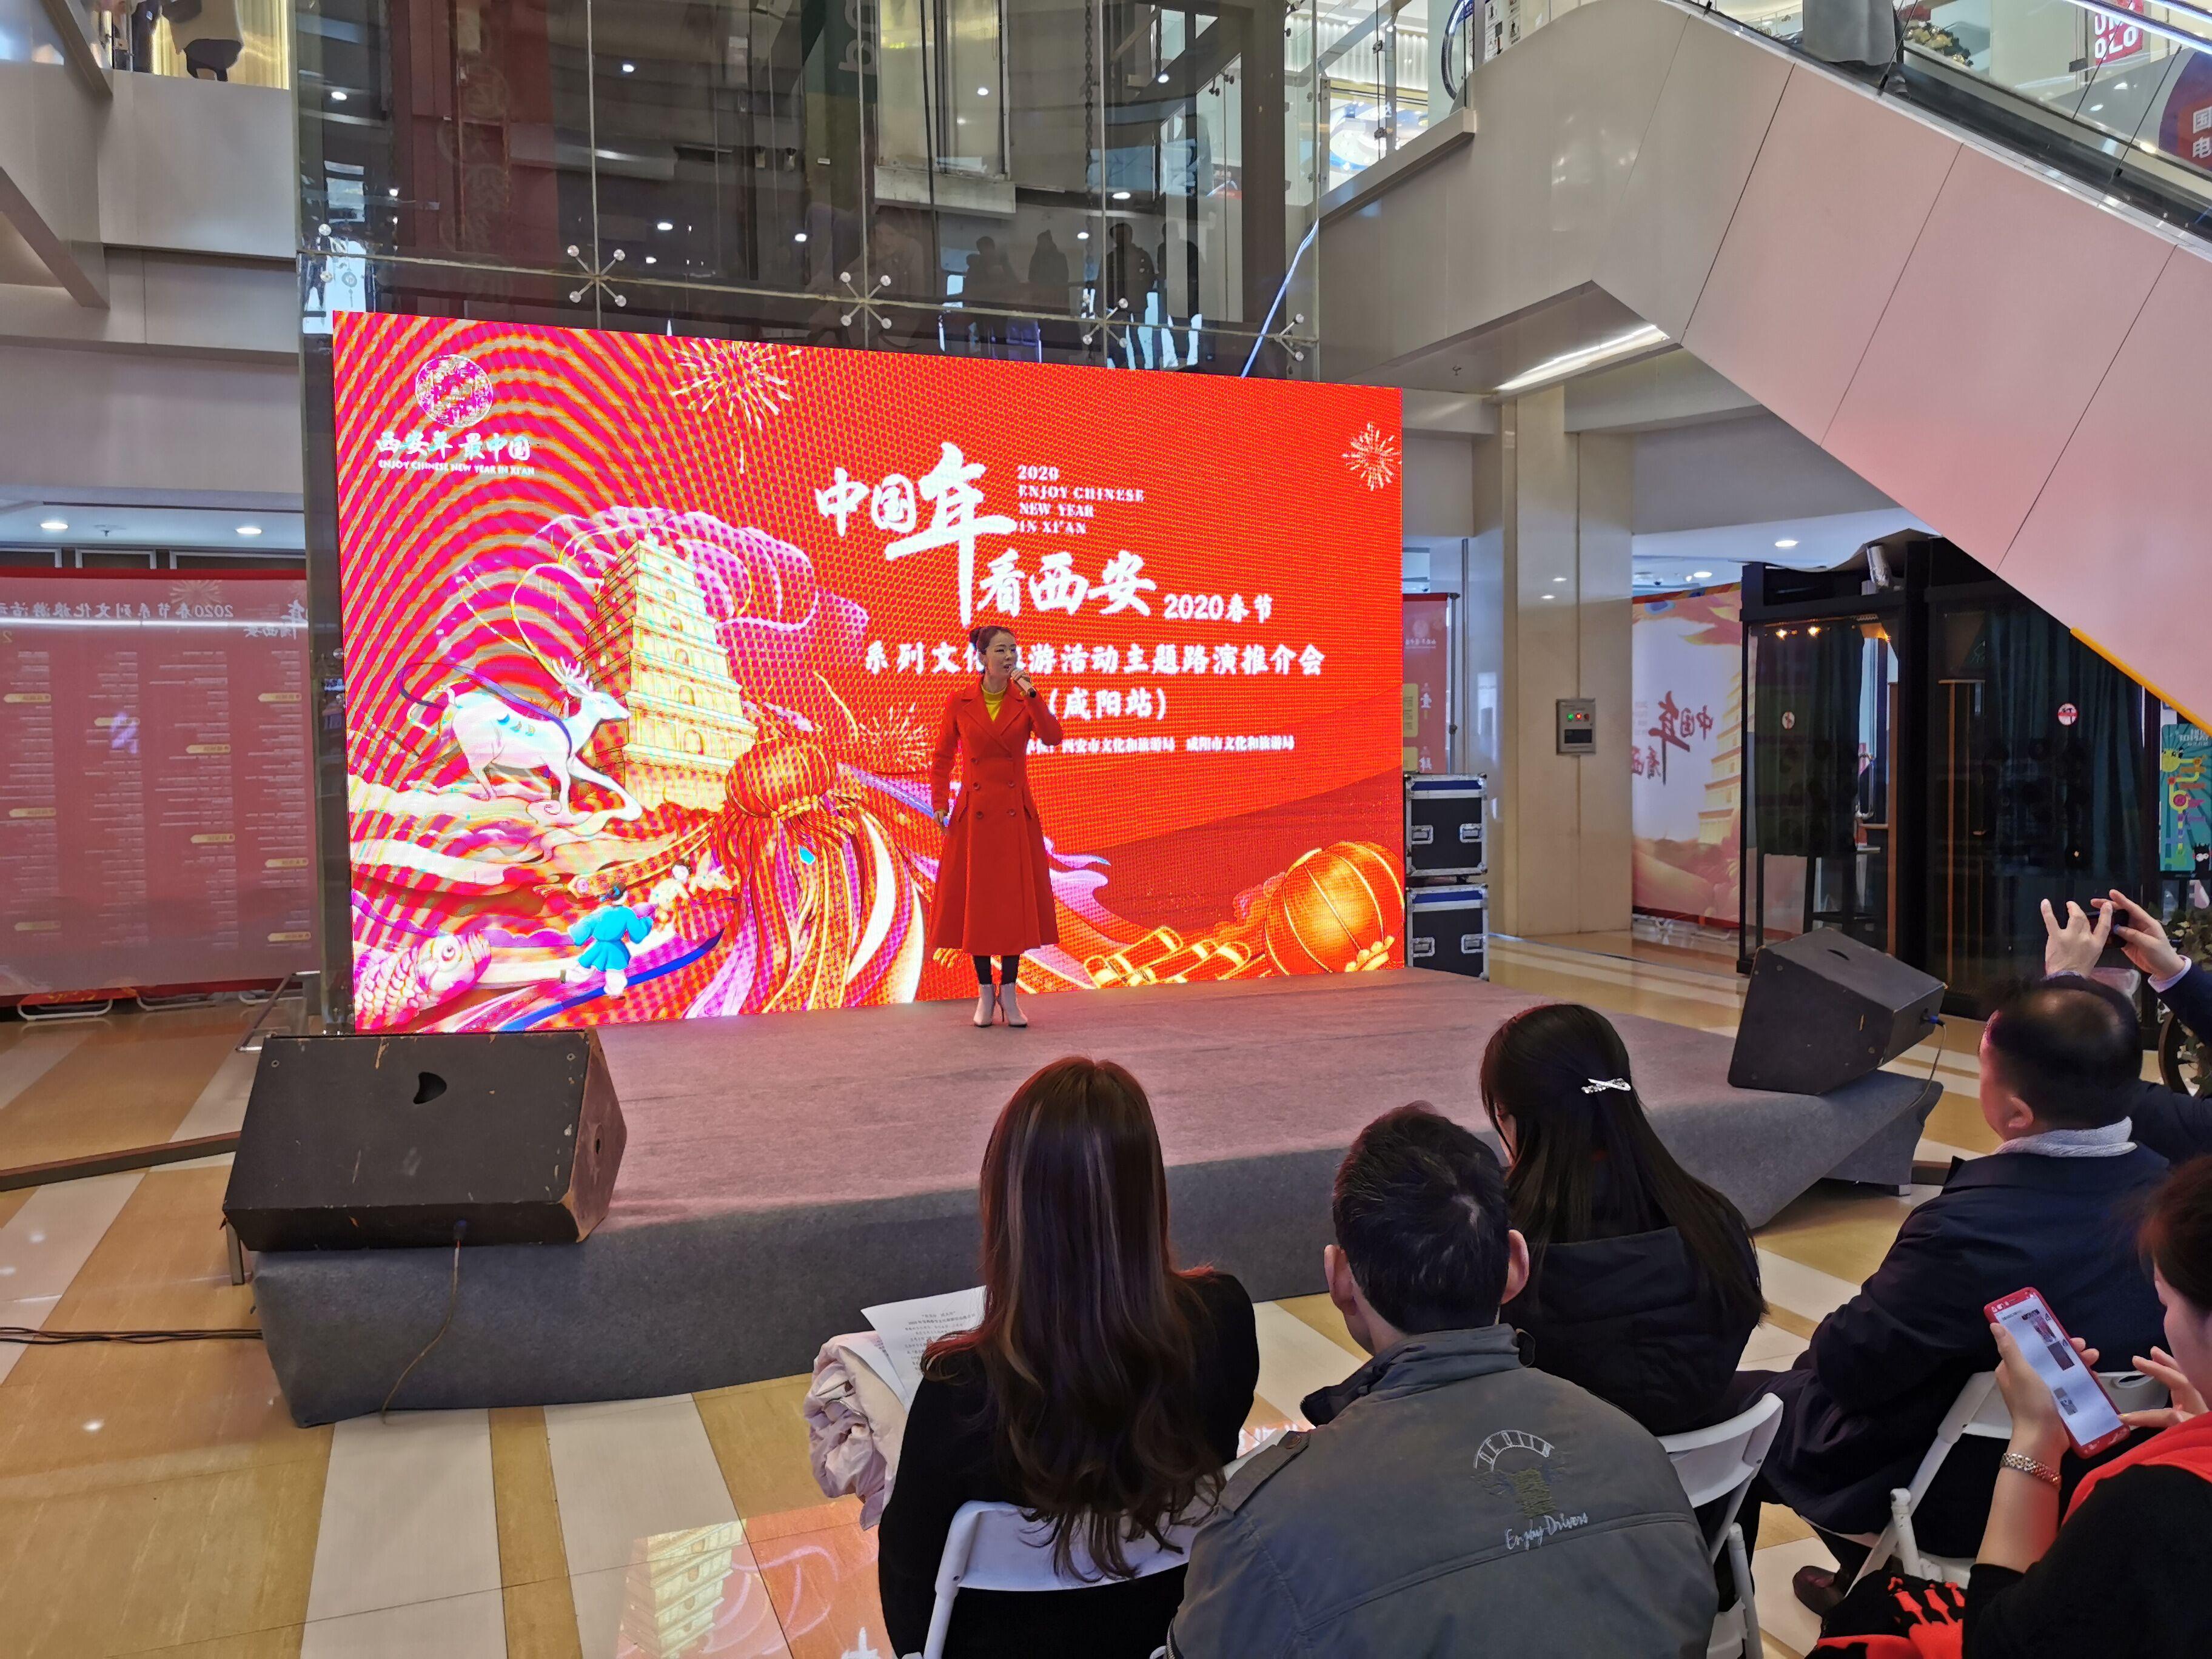 西安春节期间的近300项活动,遍布小雁塔、钟鼓楼等地